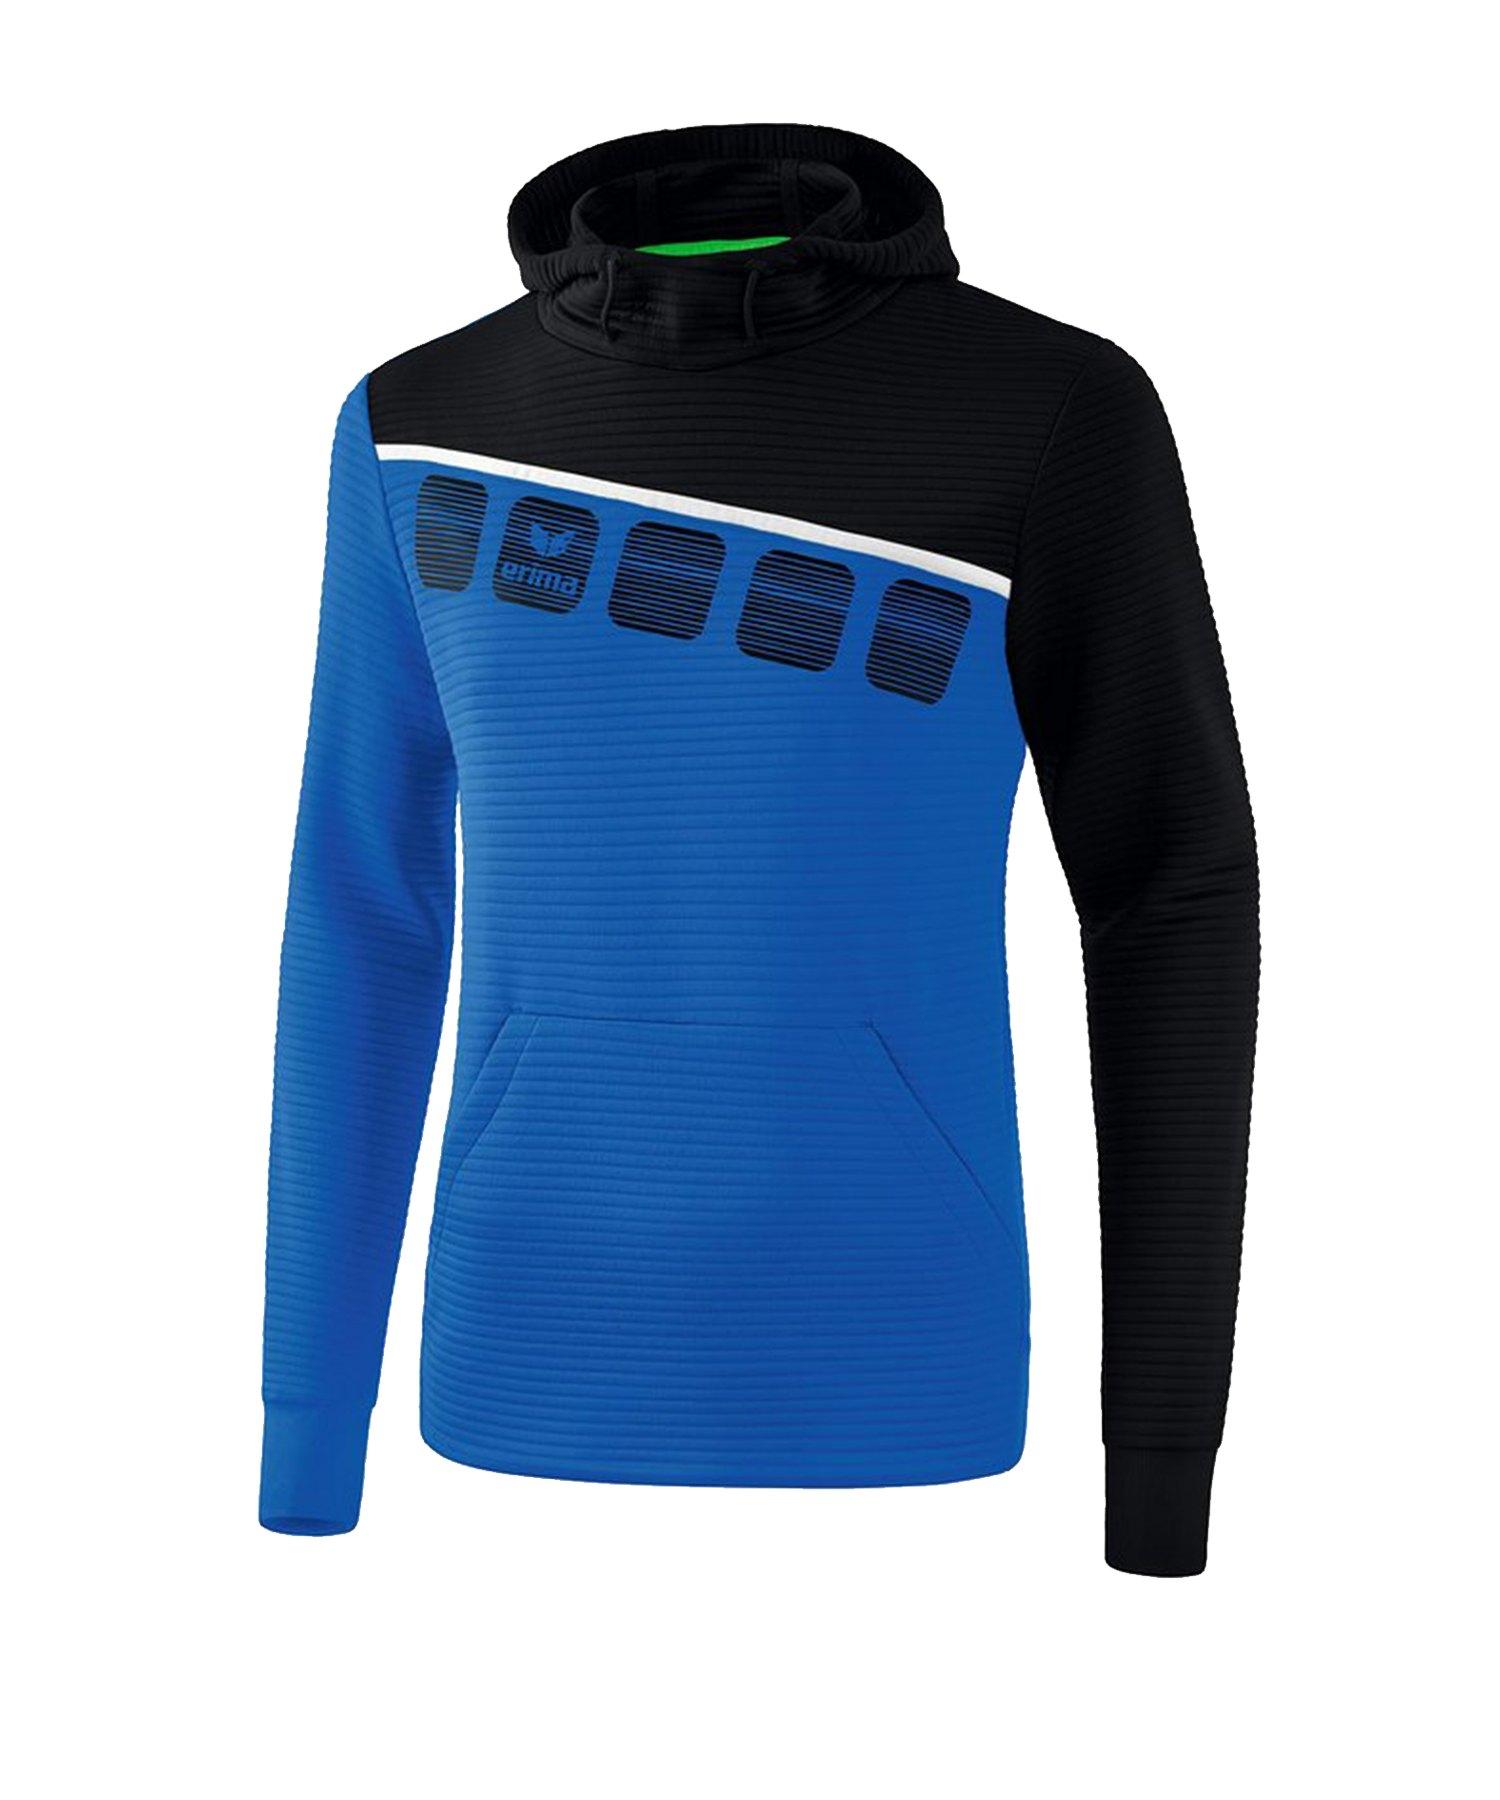 Erima 5-C Kapuzensweat Blau Schwarz - Blau